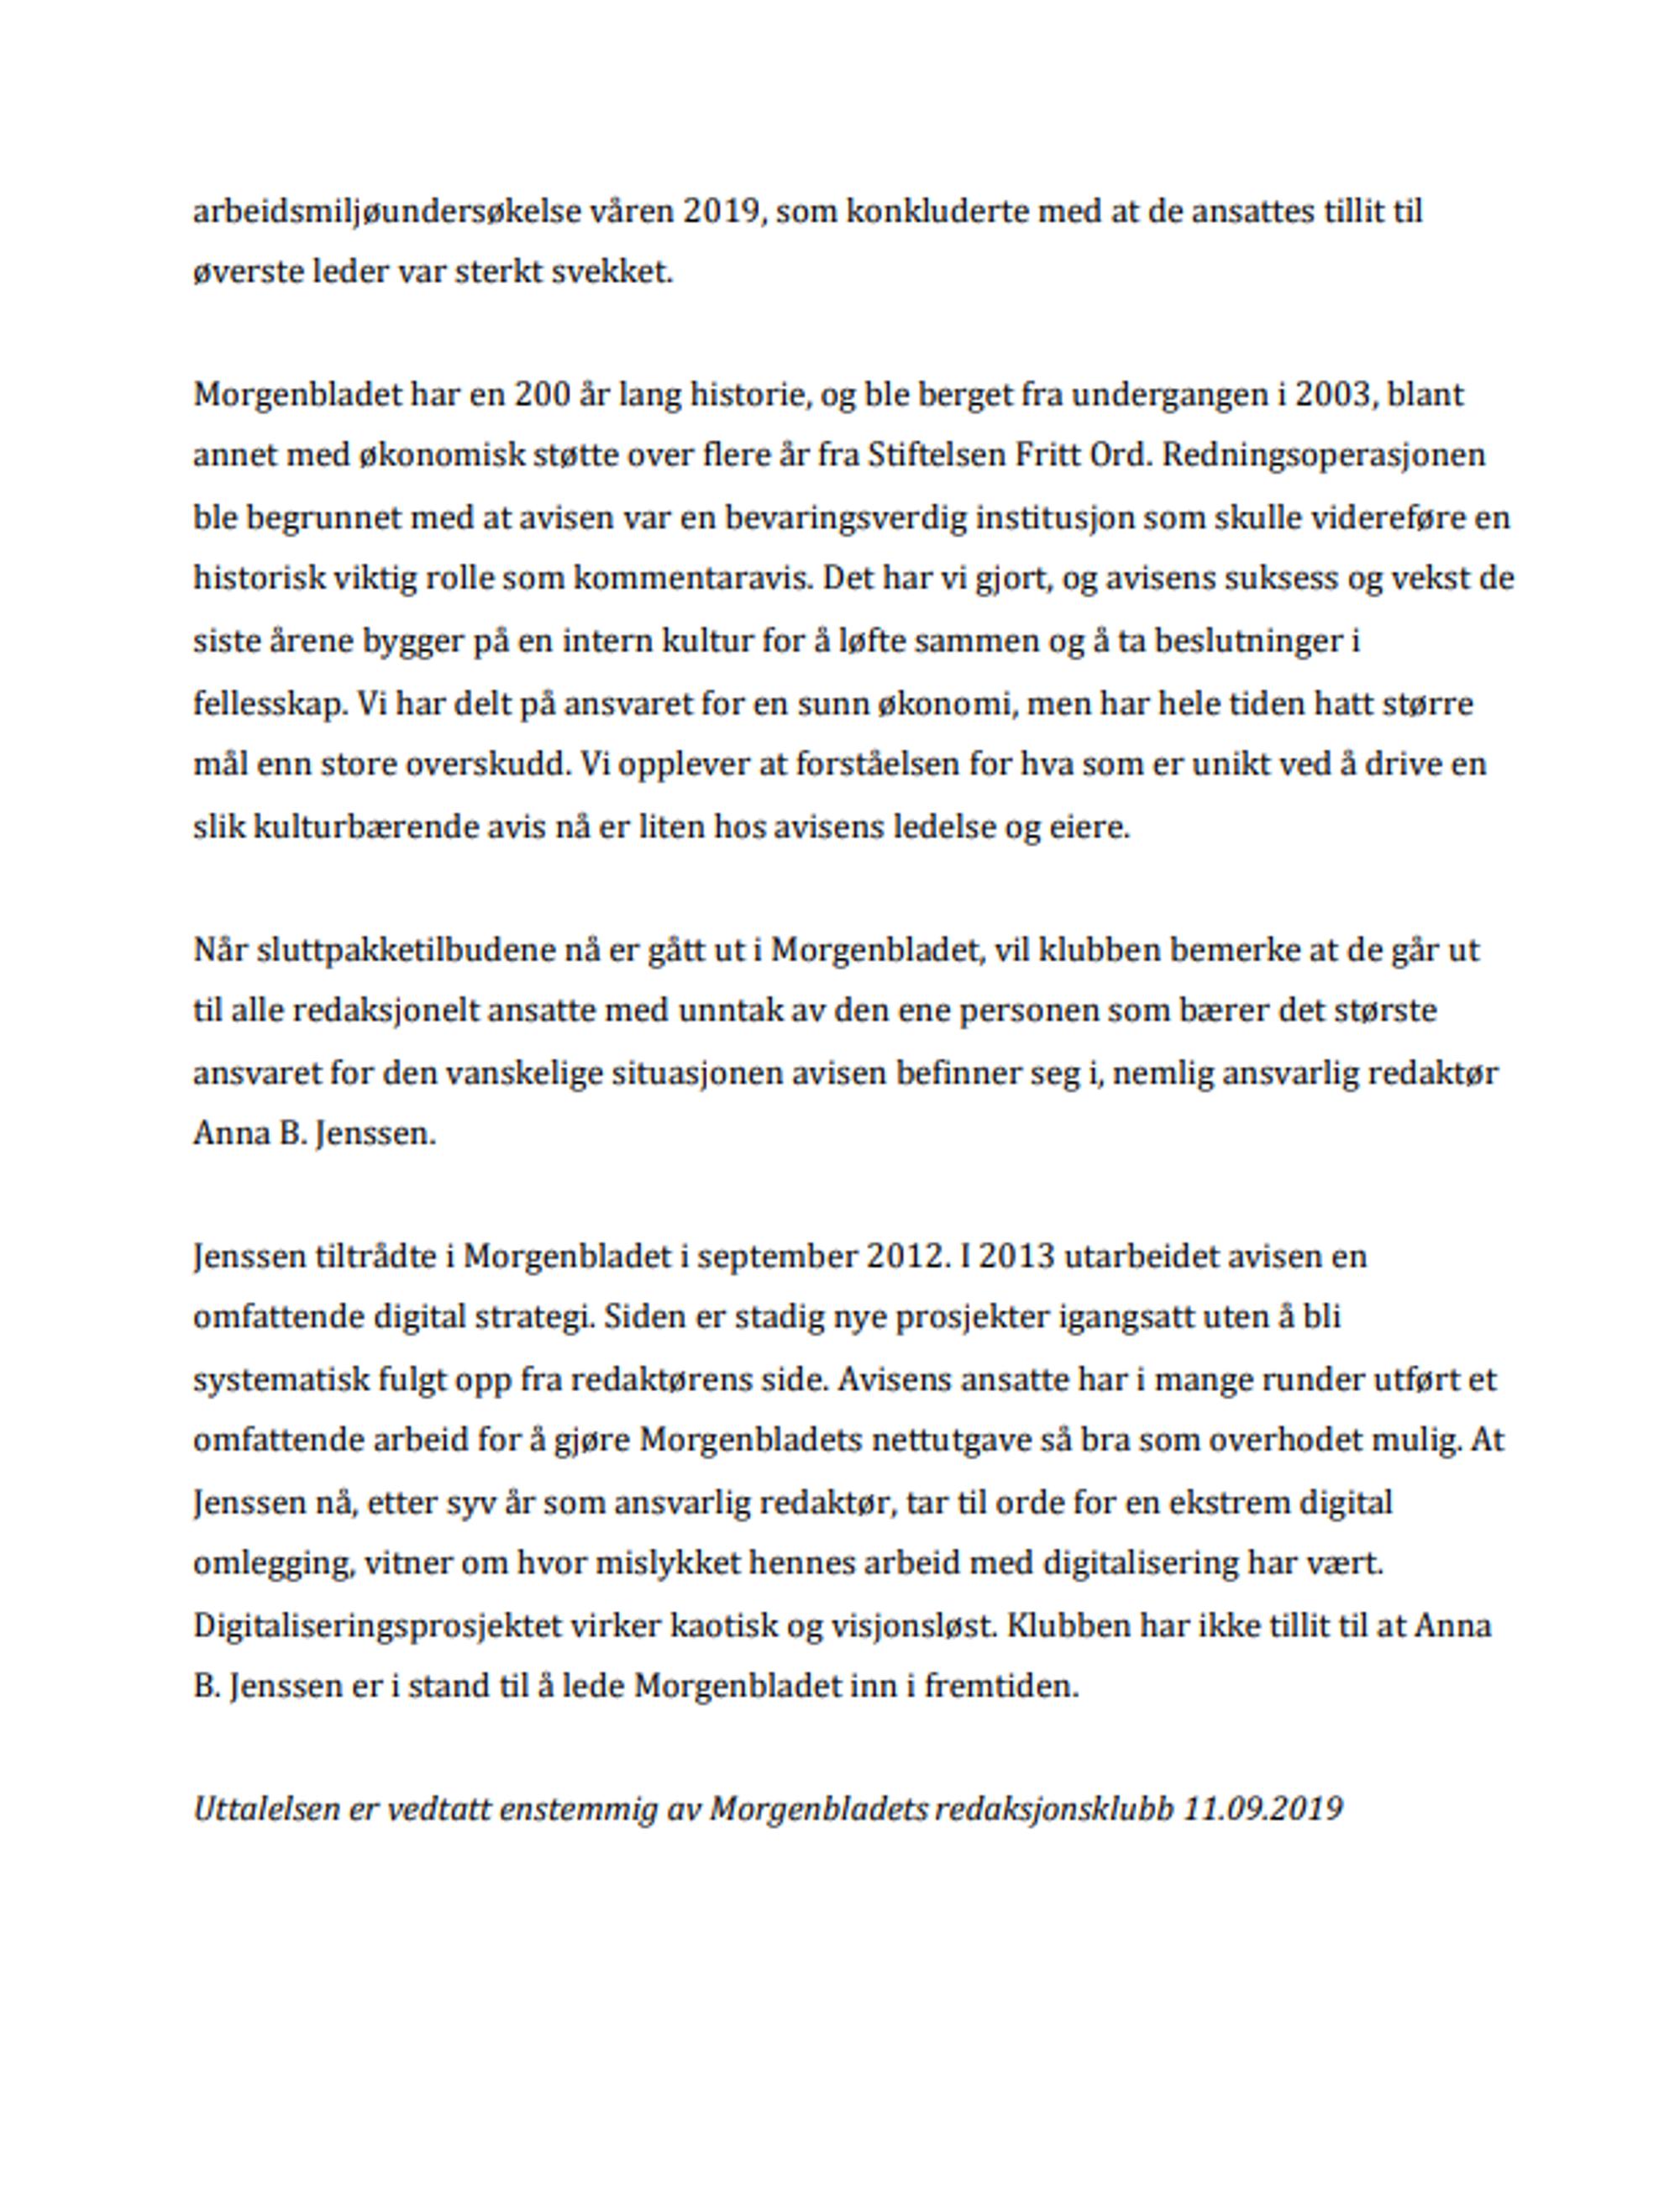 Brev sendt fra redaksjonsklubben i Morgenbladet til ledelsen.